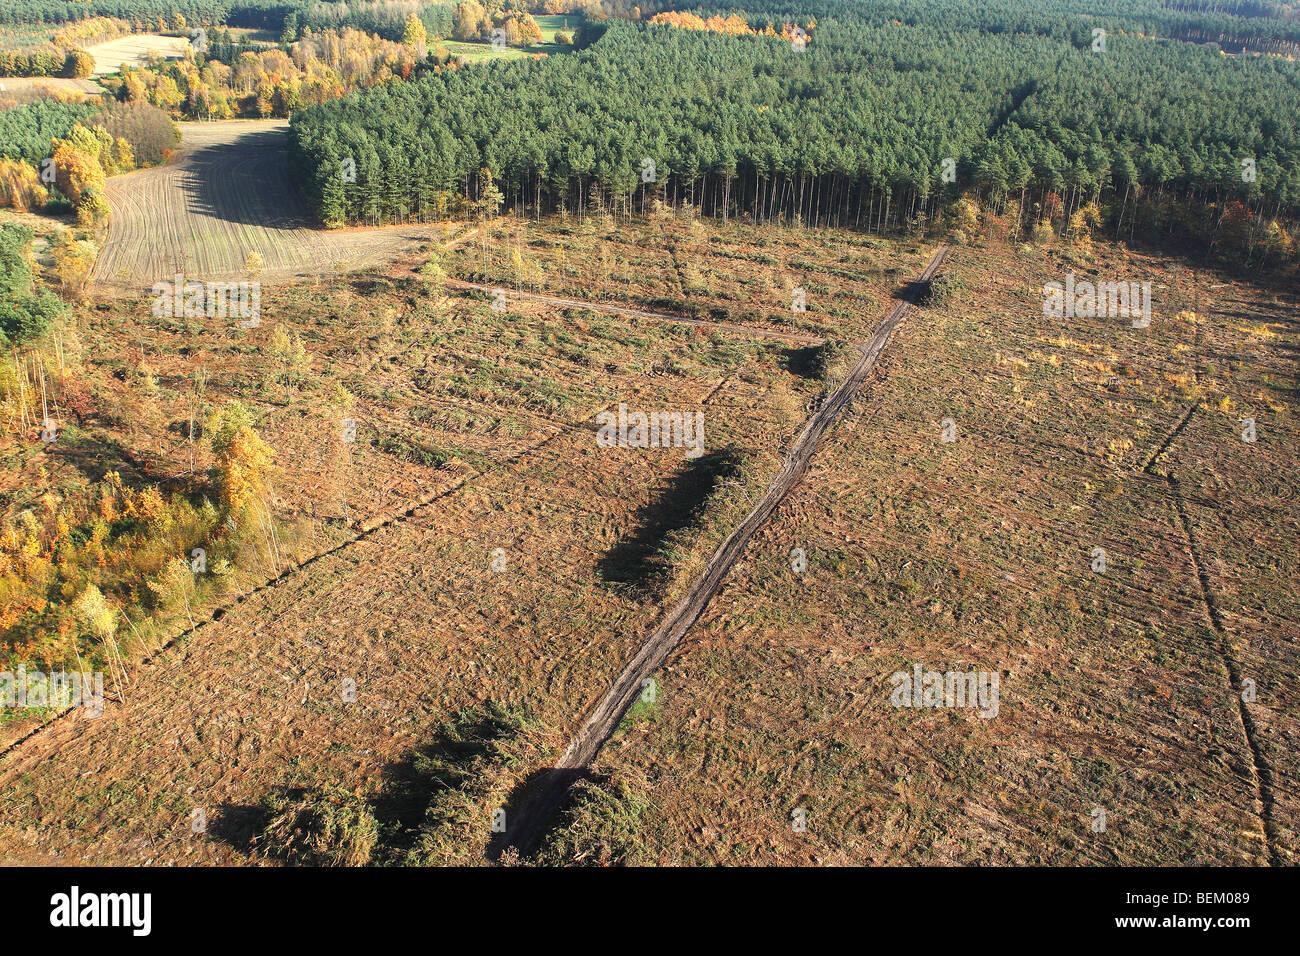 La deforestación de bosques de pino, bosques de transformación y desarrollo de brezo, Bélgica Imagen De Stock